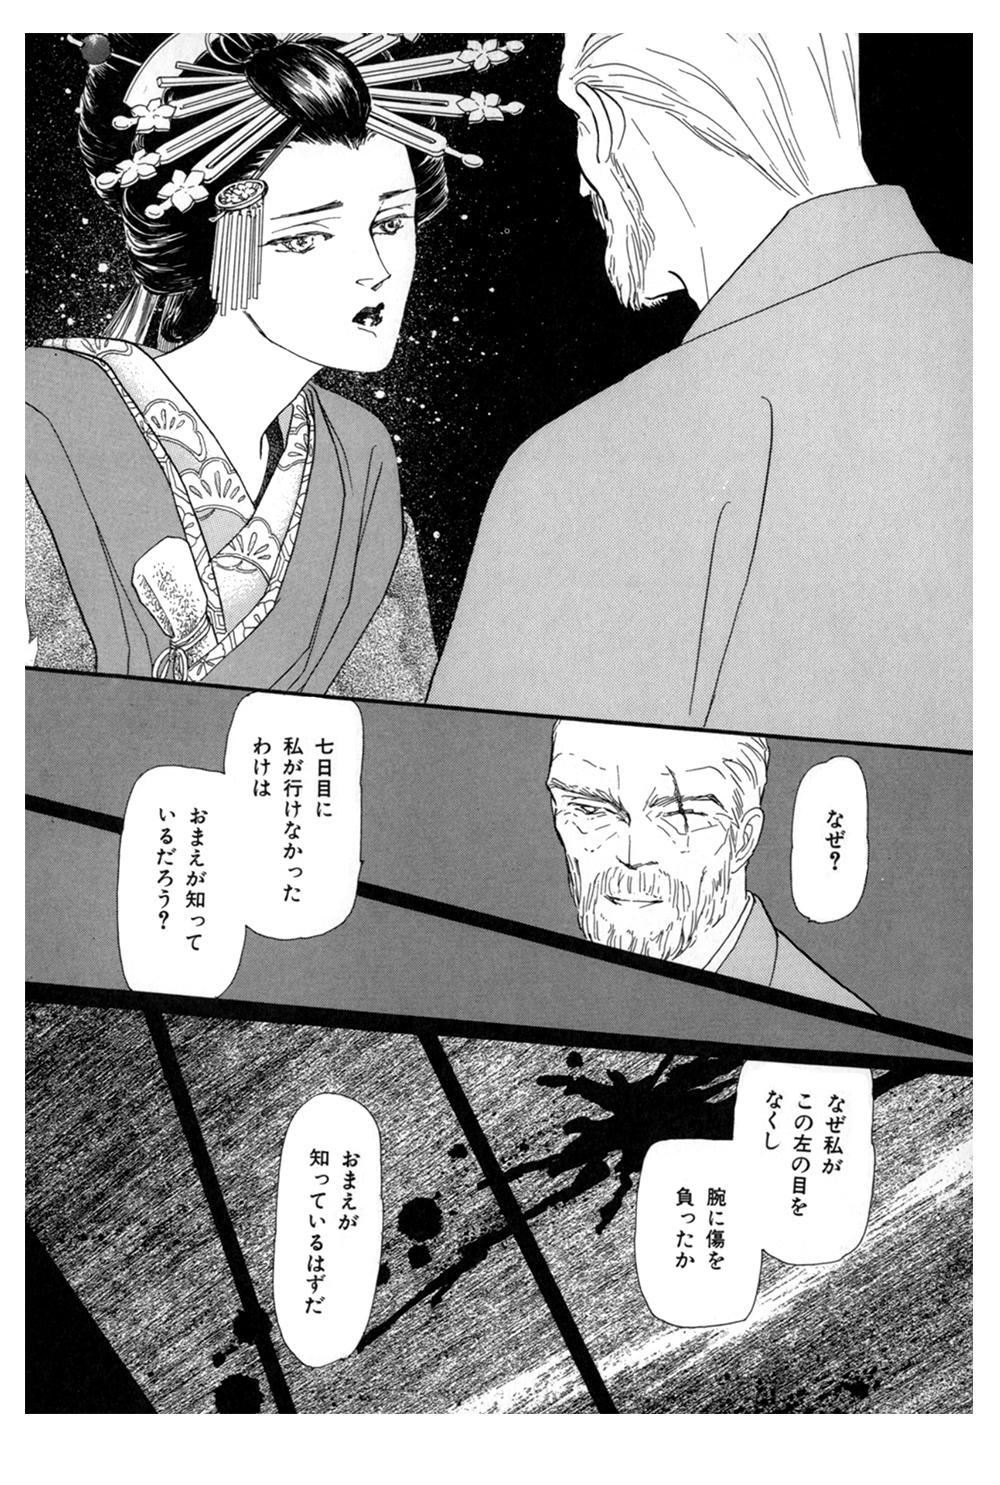 雨柳堂夢咄 第5話「花に暮れる」2uryudo-02-128.jpg